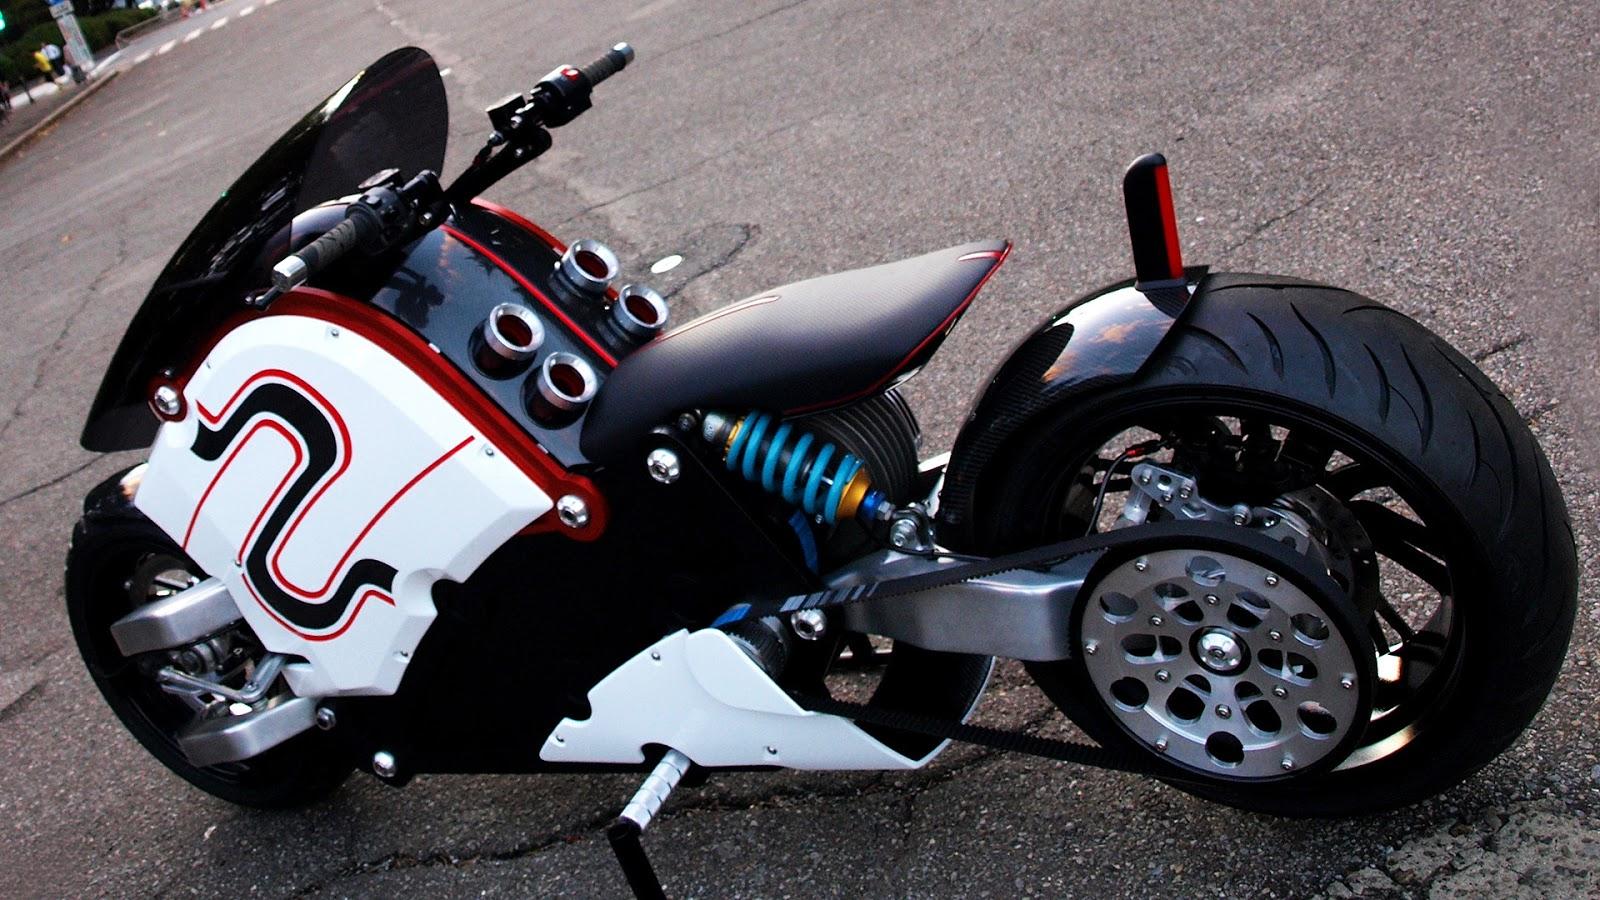 Hình nền xe mô tô khủng đẹp nhất - Ảnh siêu moto Full HD